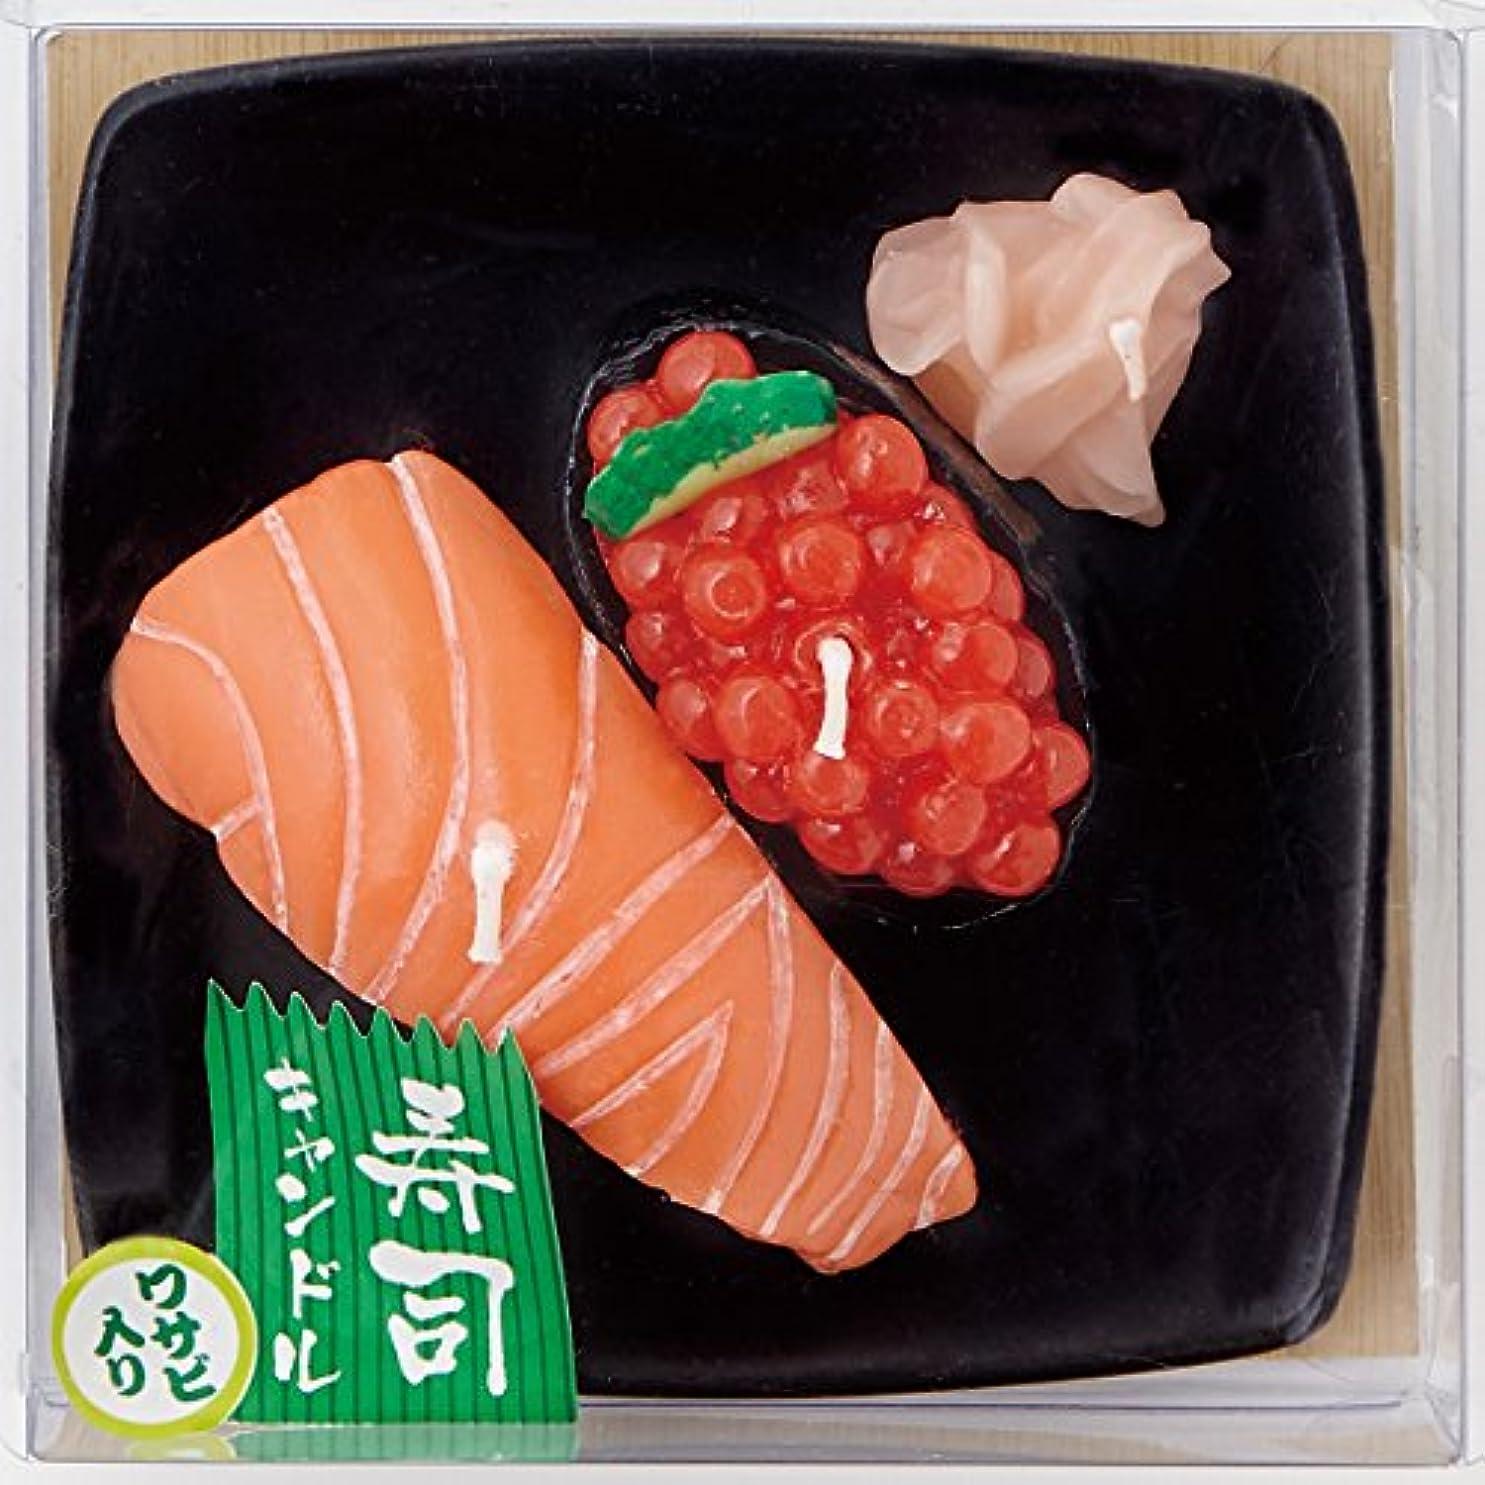 だます買収上げる寿司キャンドル D(サーモン?イクラ) サビ入